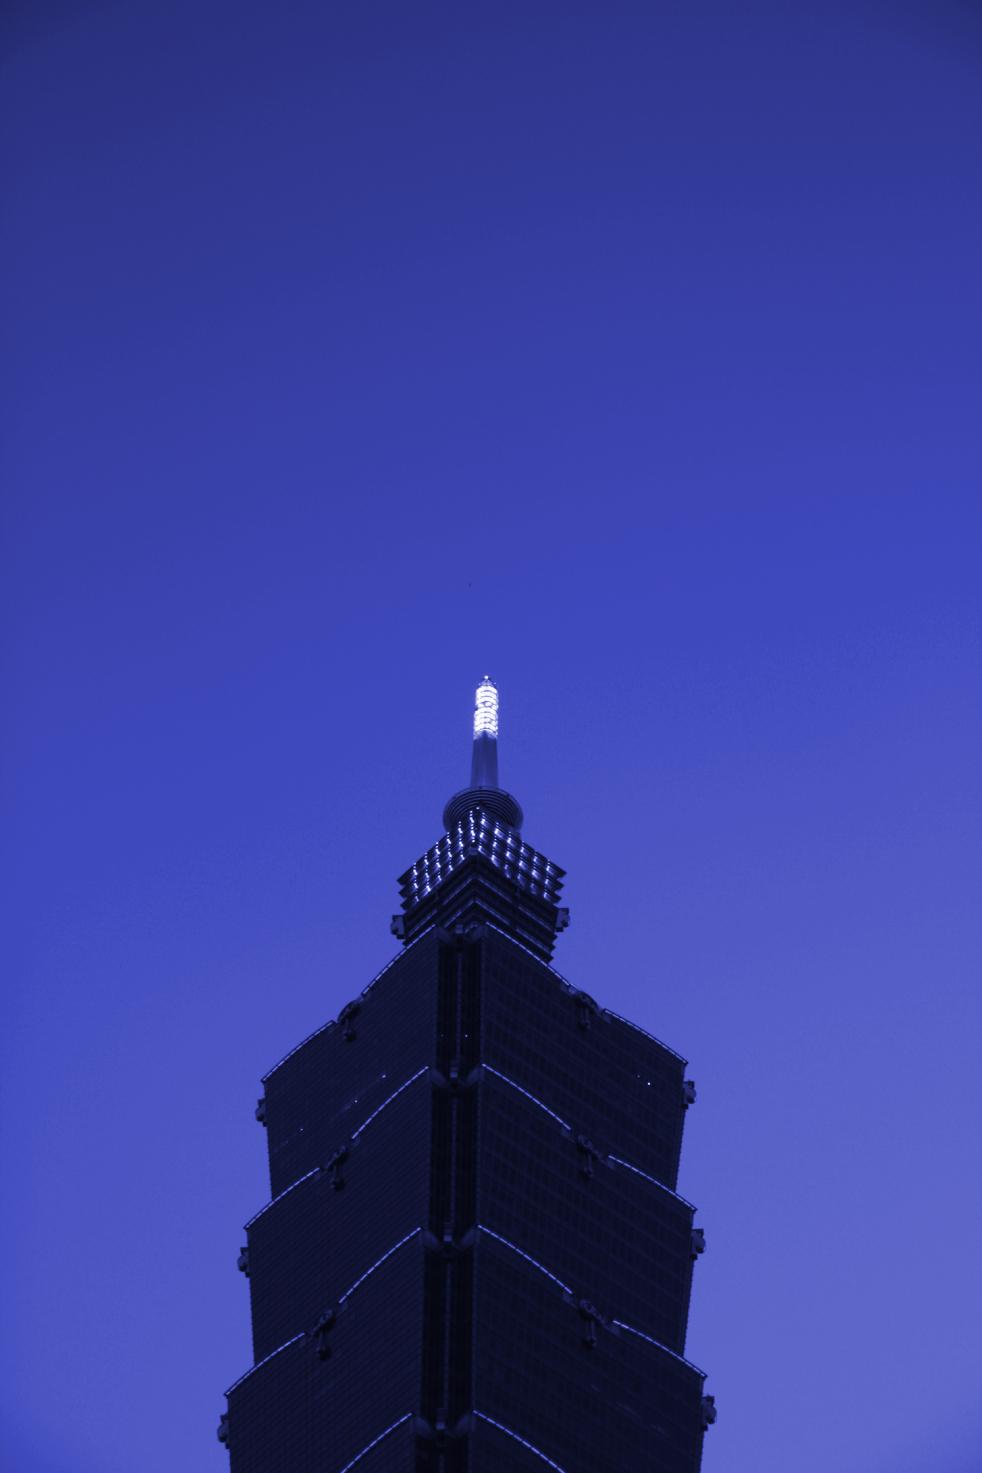 i333.png